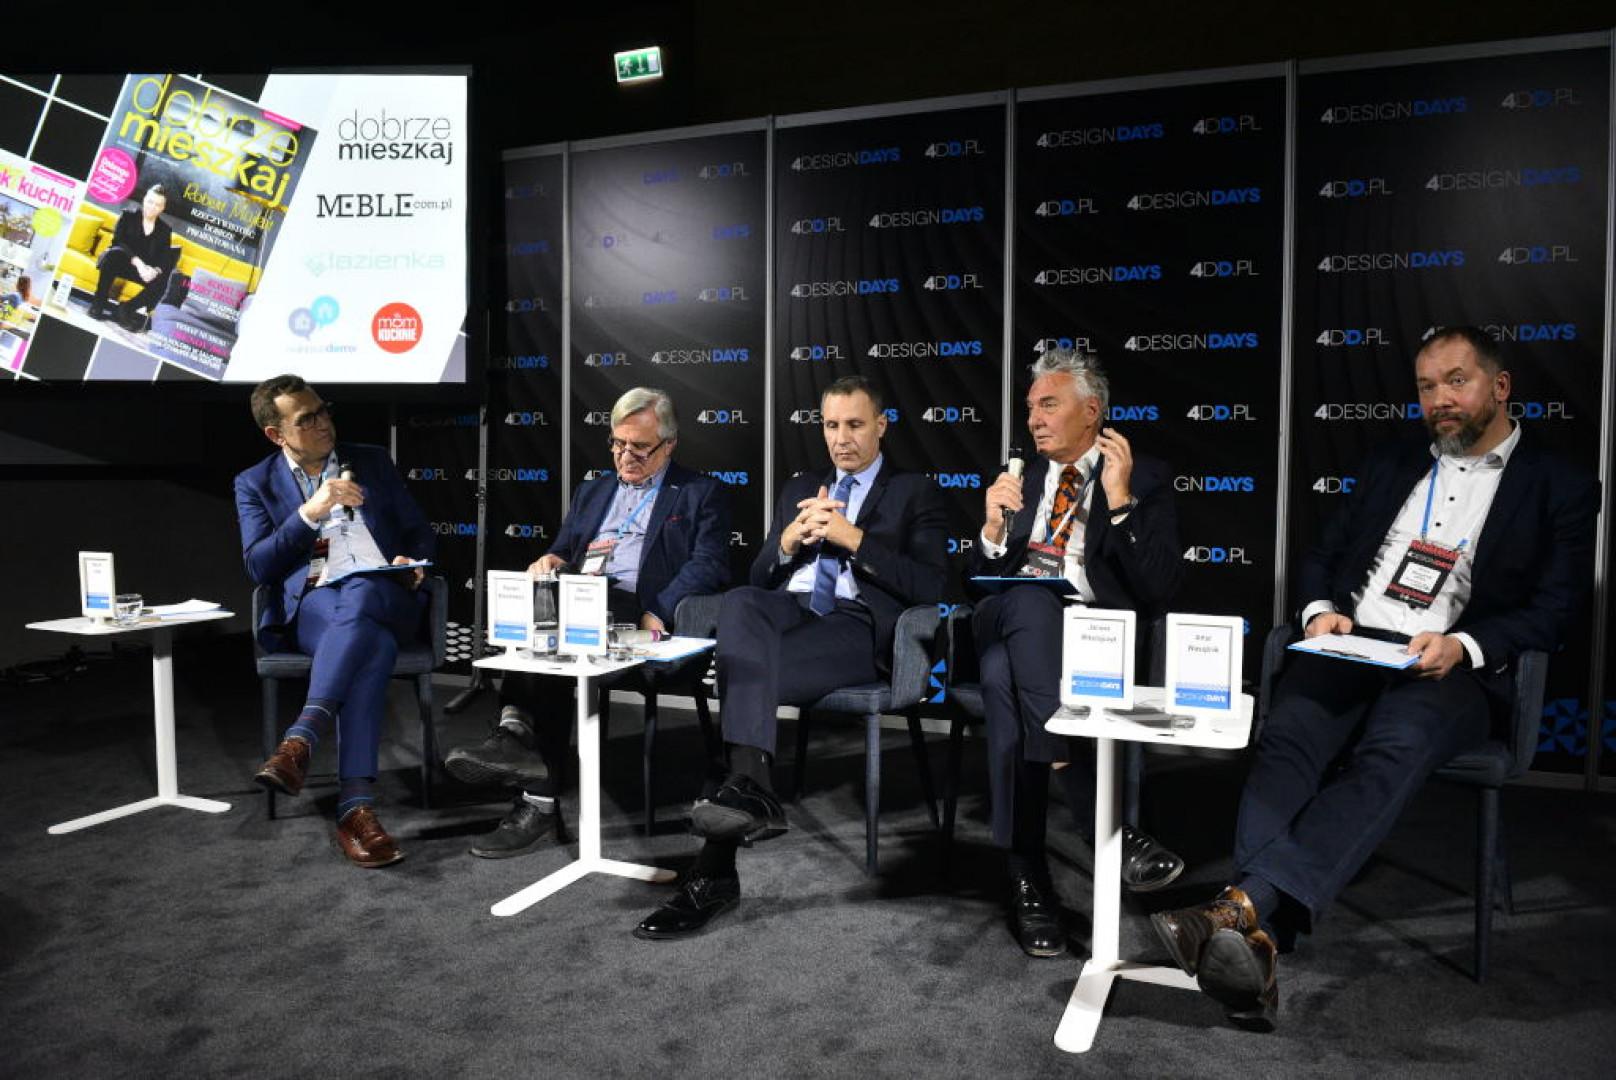 Uczestnicy panelu dyskusyjnego Polska marka meblowa – szansa czy mit, który odbył się 25 stycznia br. w Katowicach podczas 4 Design Days. Fot. PTWP